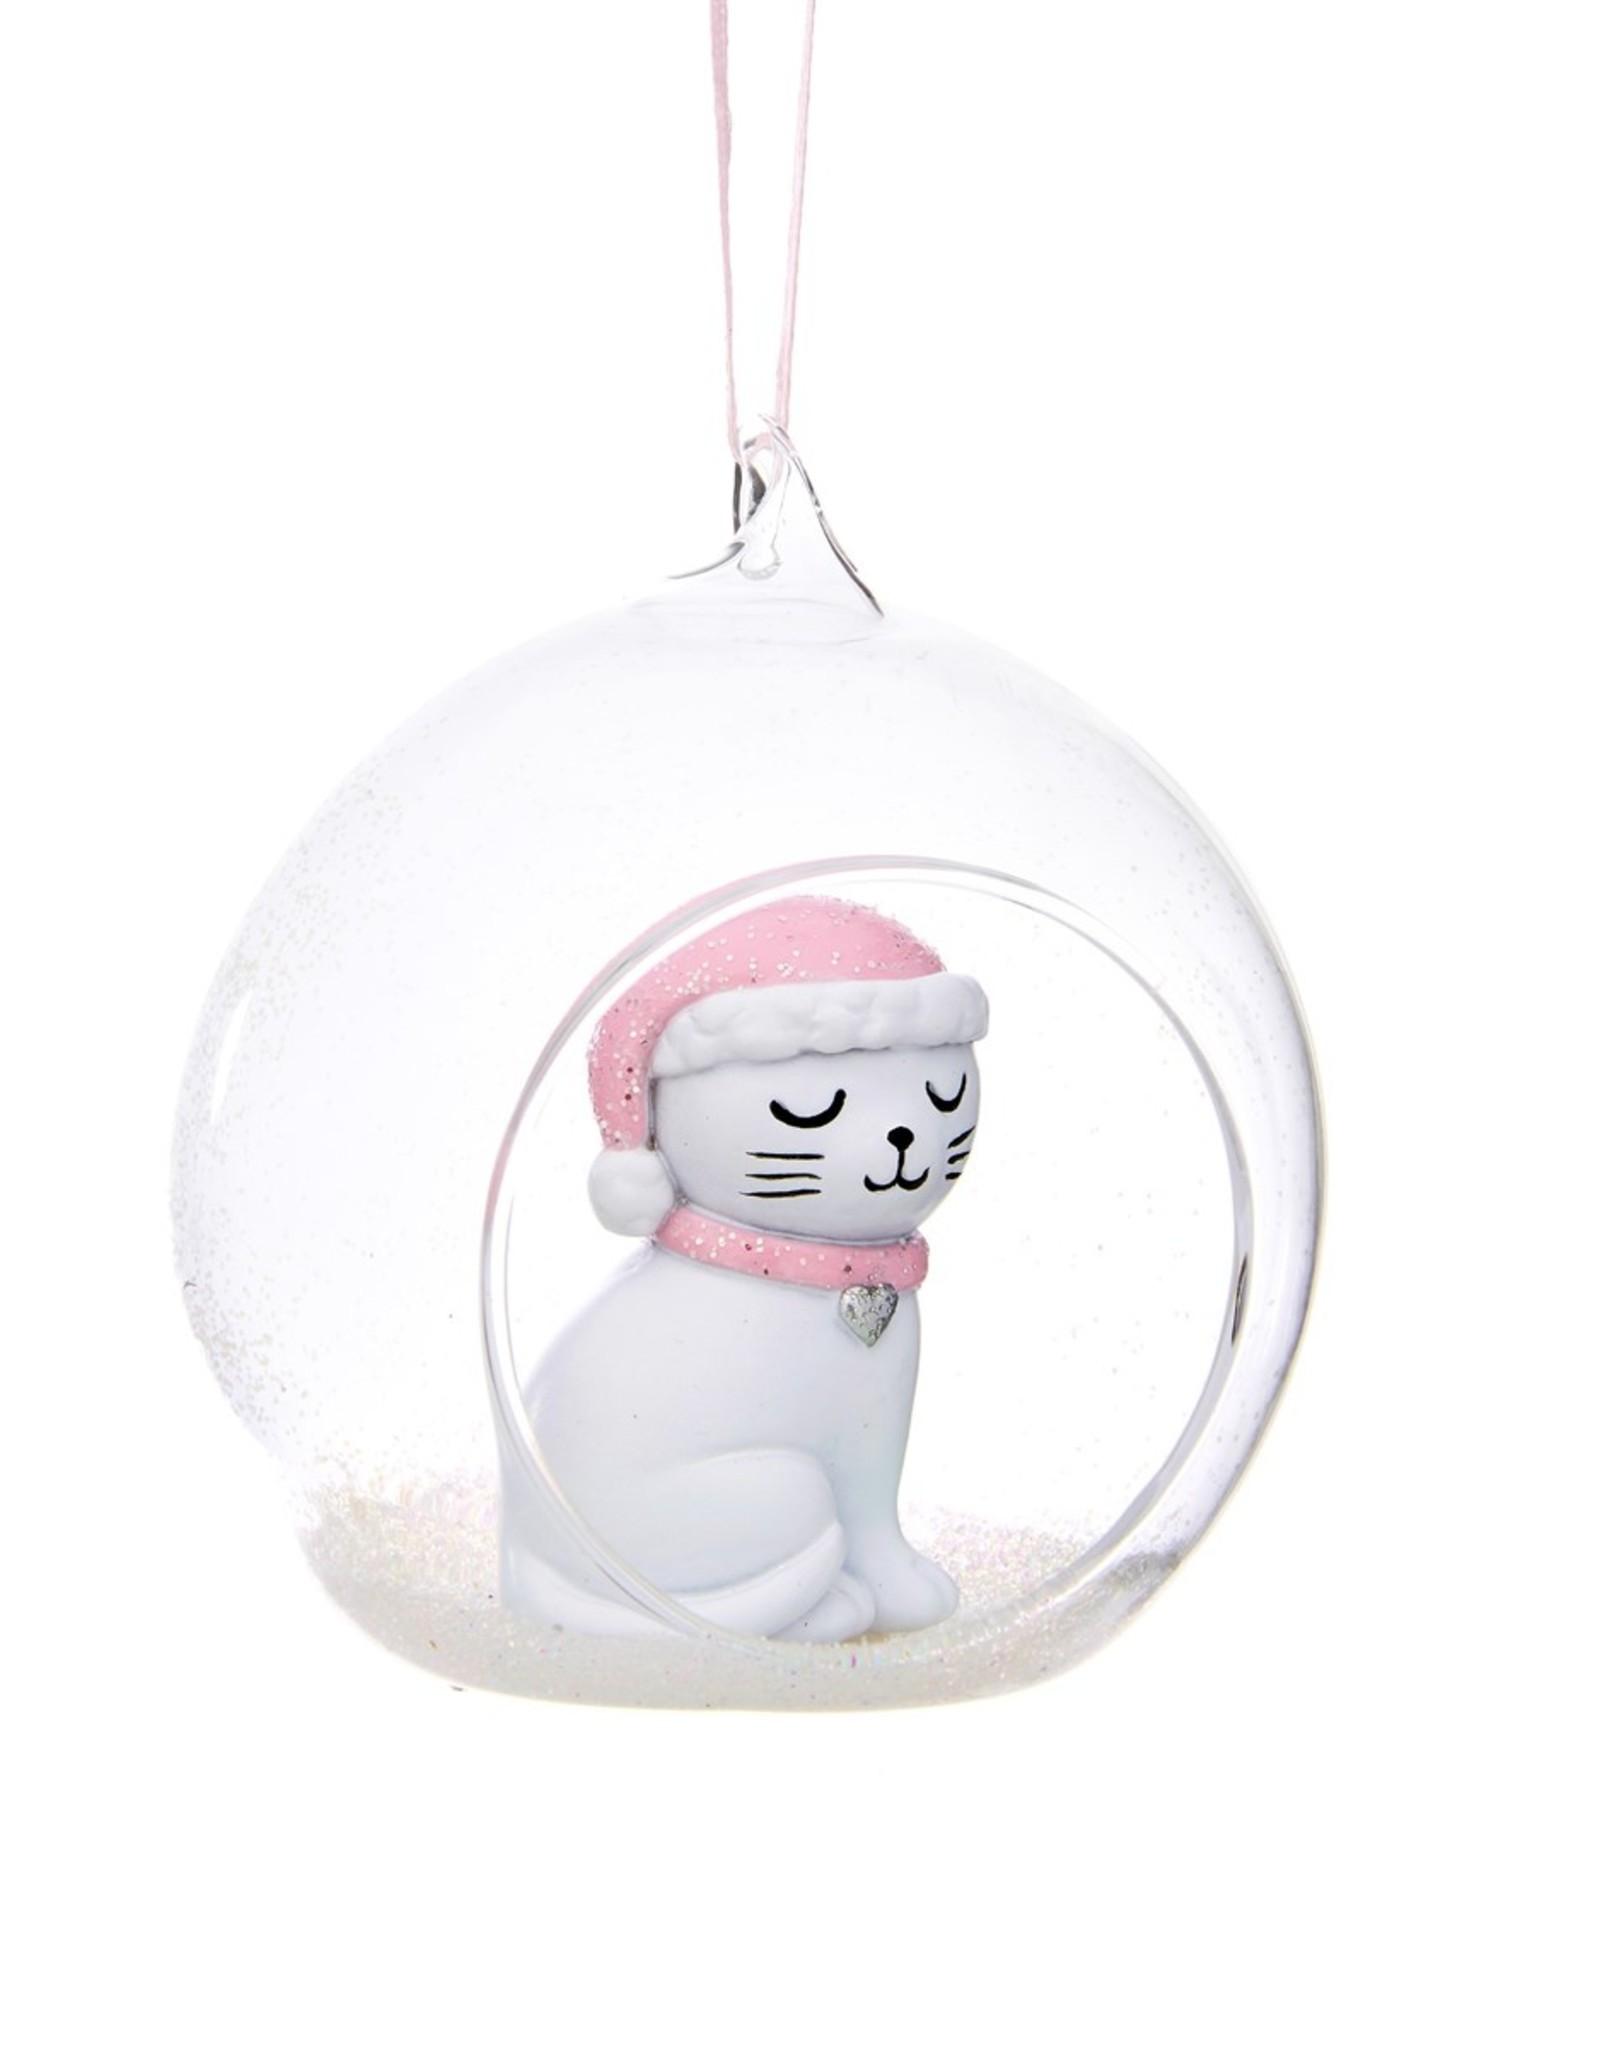 Sass & Belle Sass & Belle - cutie cat open kerstbal